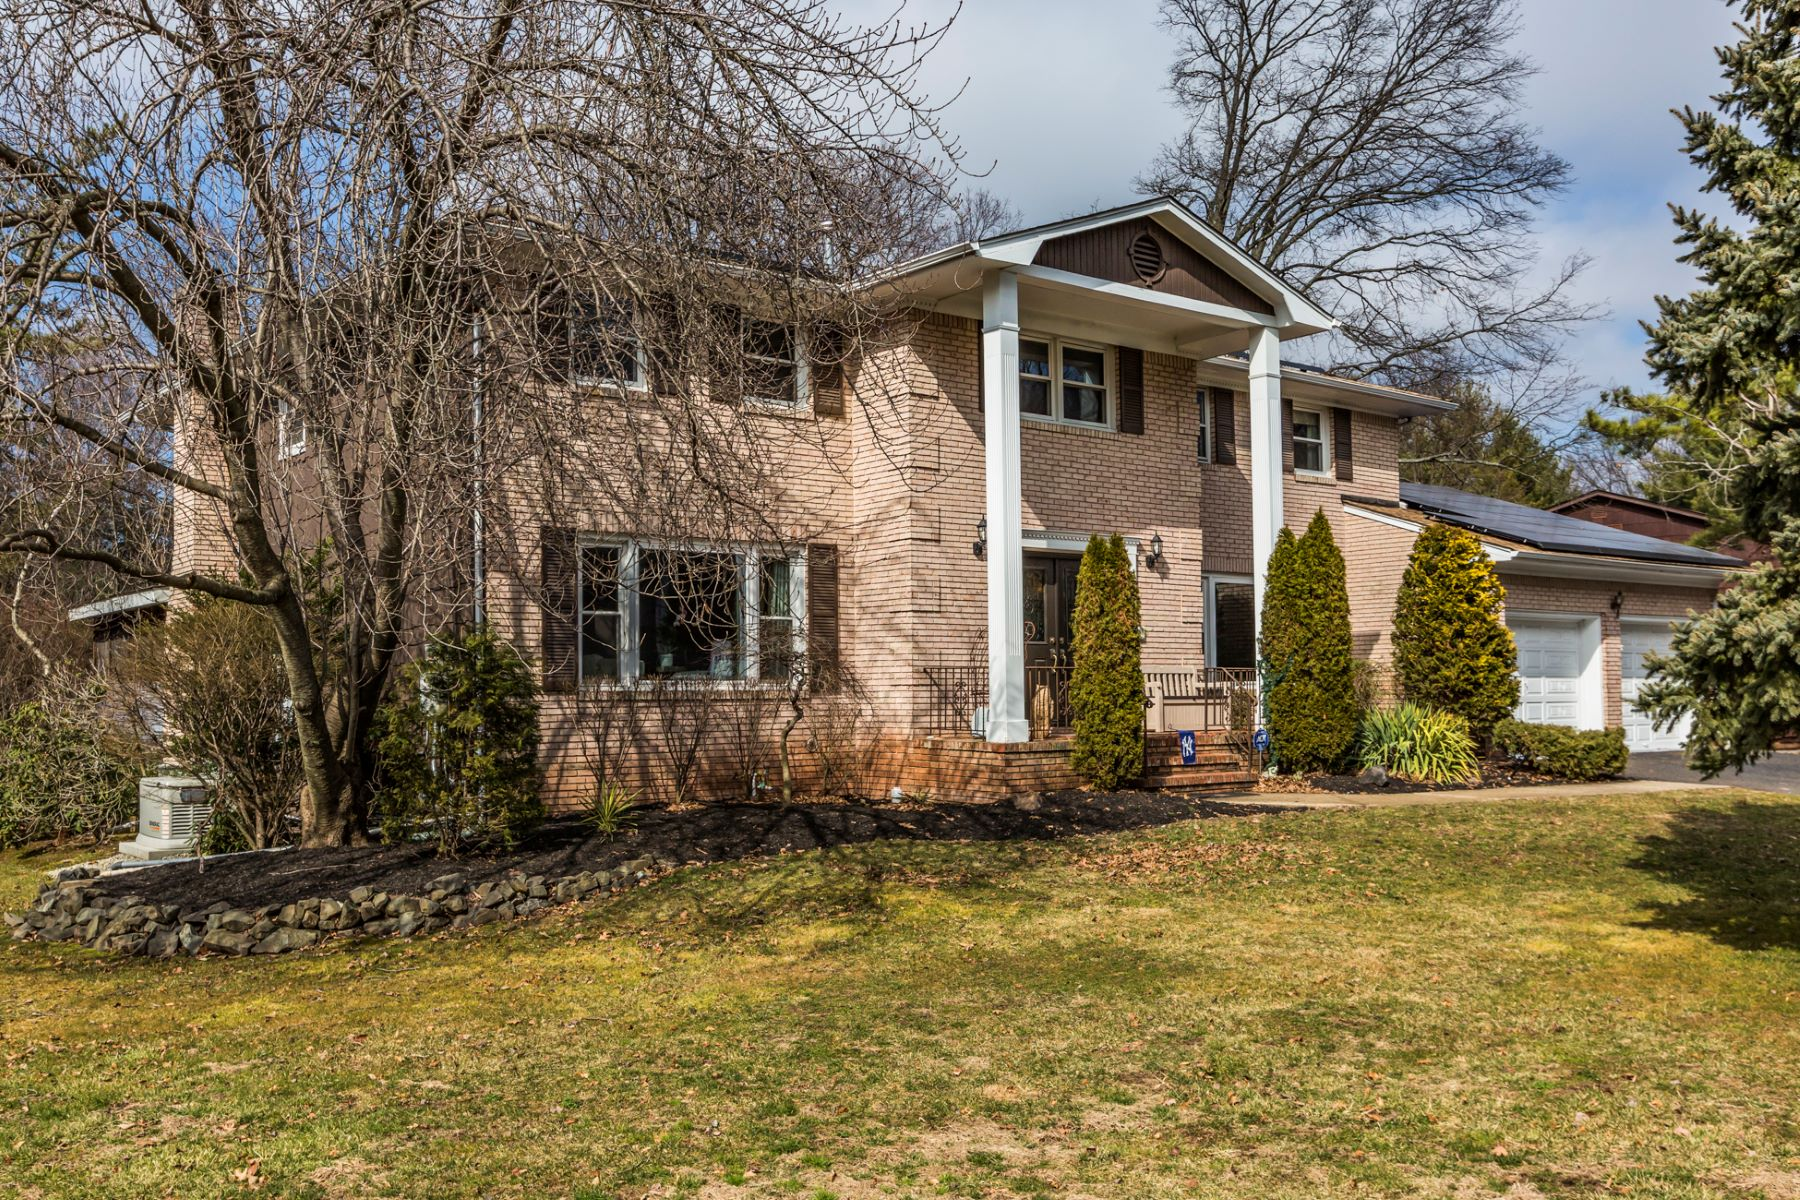 Частный односемейный дом для того Продажа на A Hidden Gem in Hidden Lakes 22 Point of Woods Drive North Brunswick, 08902 Соединенные Штаты